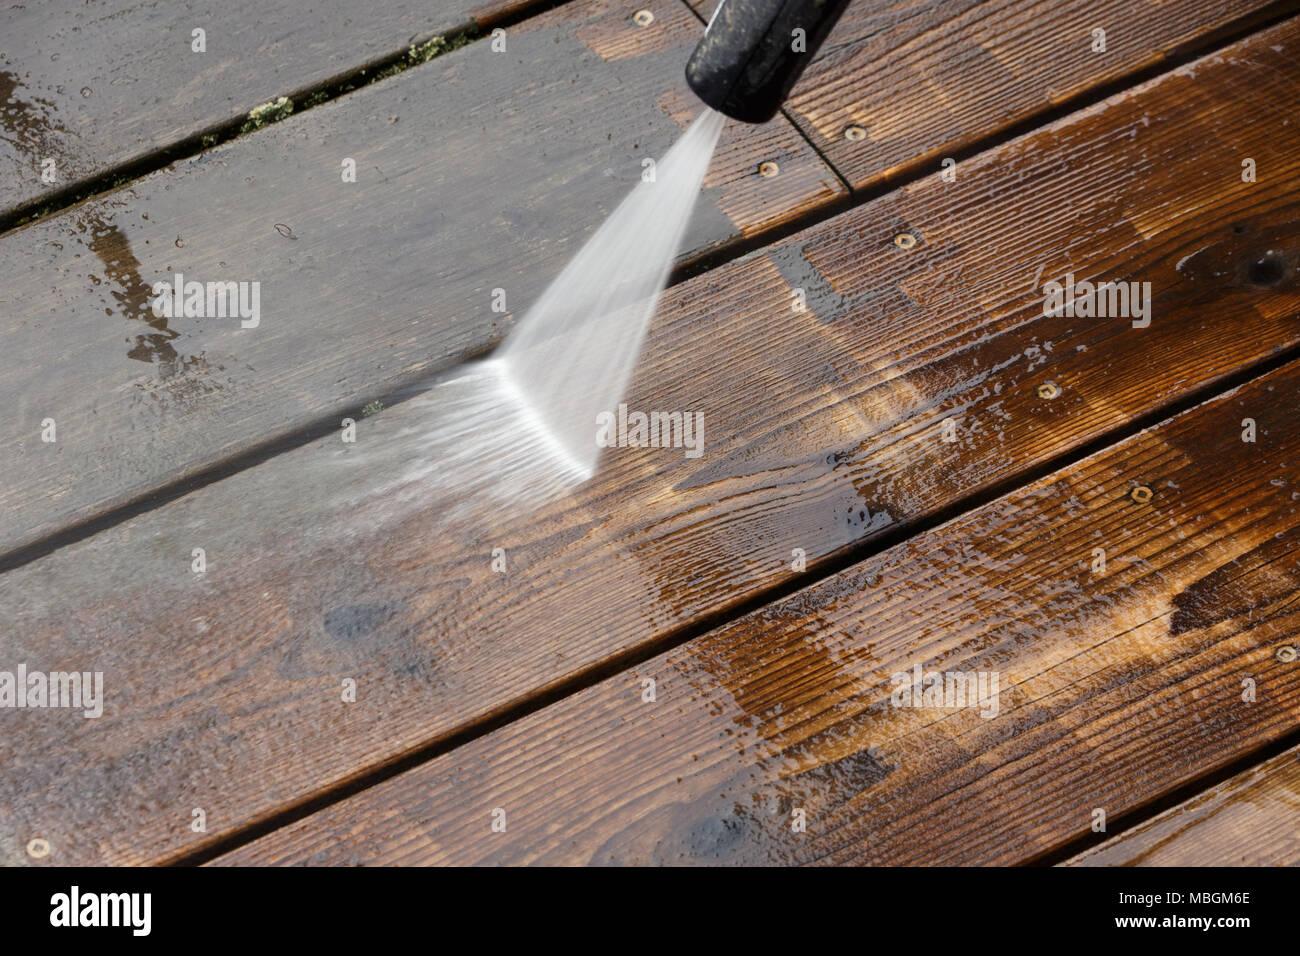 Holz terrasse Reinigung mit Hochdruck-wasserstrahl Stockfoto ...